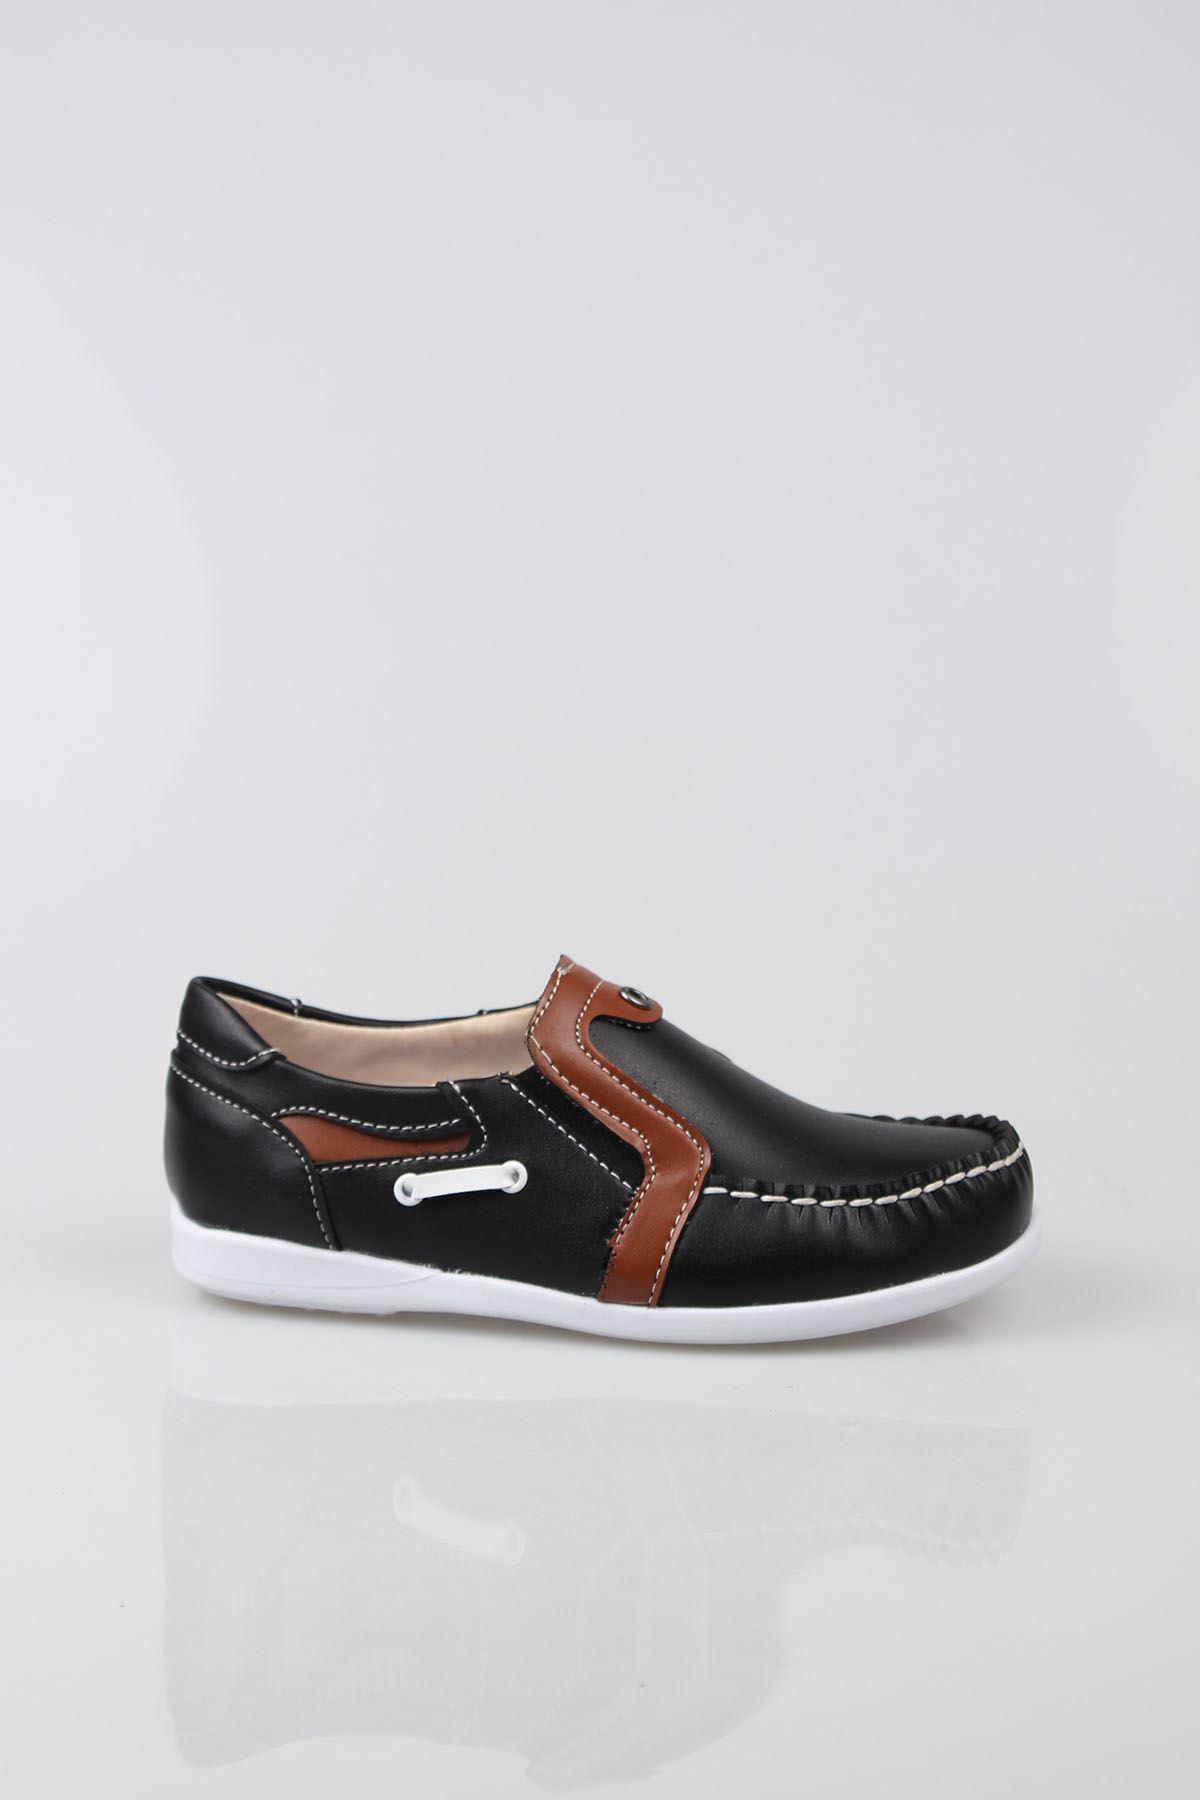 Siyaha Taba Garnili Erkek Çocuk Ayakkabı